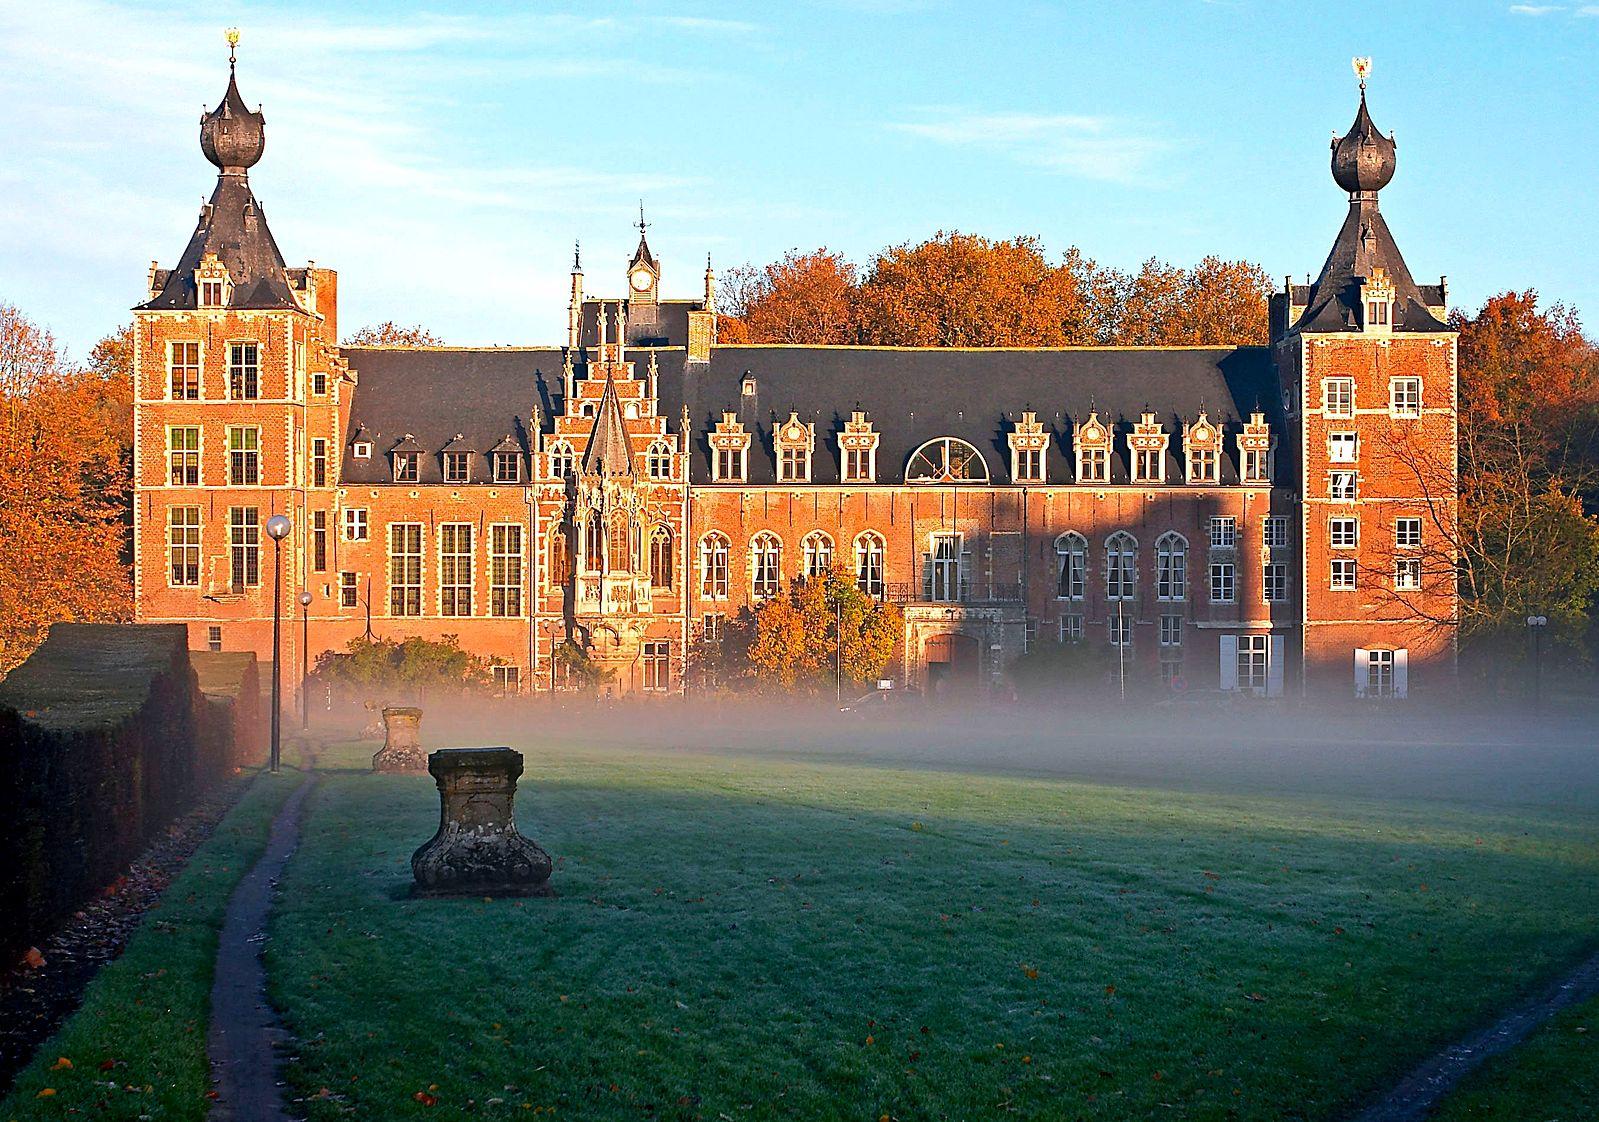 比利時國家安全部門日前發佈2019年年度報告,警告來自中共軍事研究機構的留學生在比利時等西方國家充當間諜,尋求獲得有助於中共軍事發展的重要知識。圖為比利時魯汶大學艾倫伯格城堡。(Juhanson/Wikimedia commons)